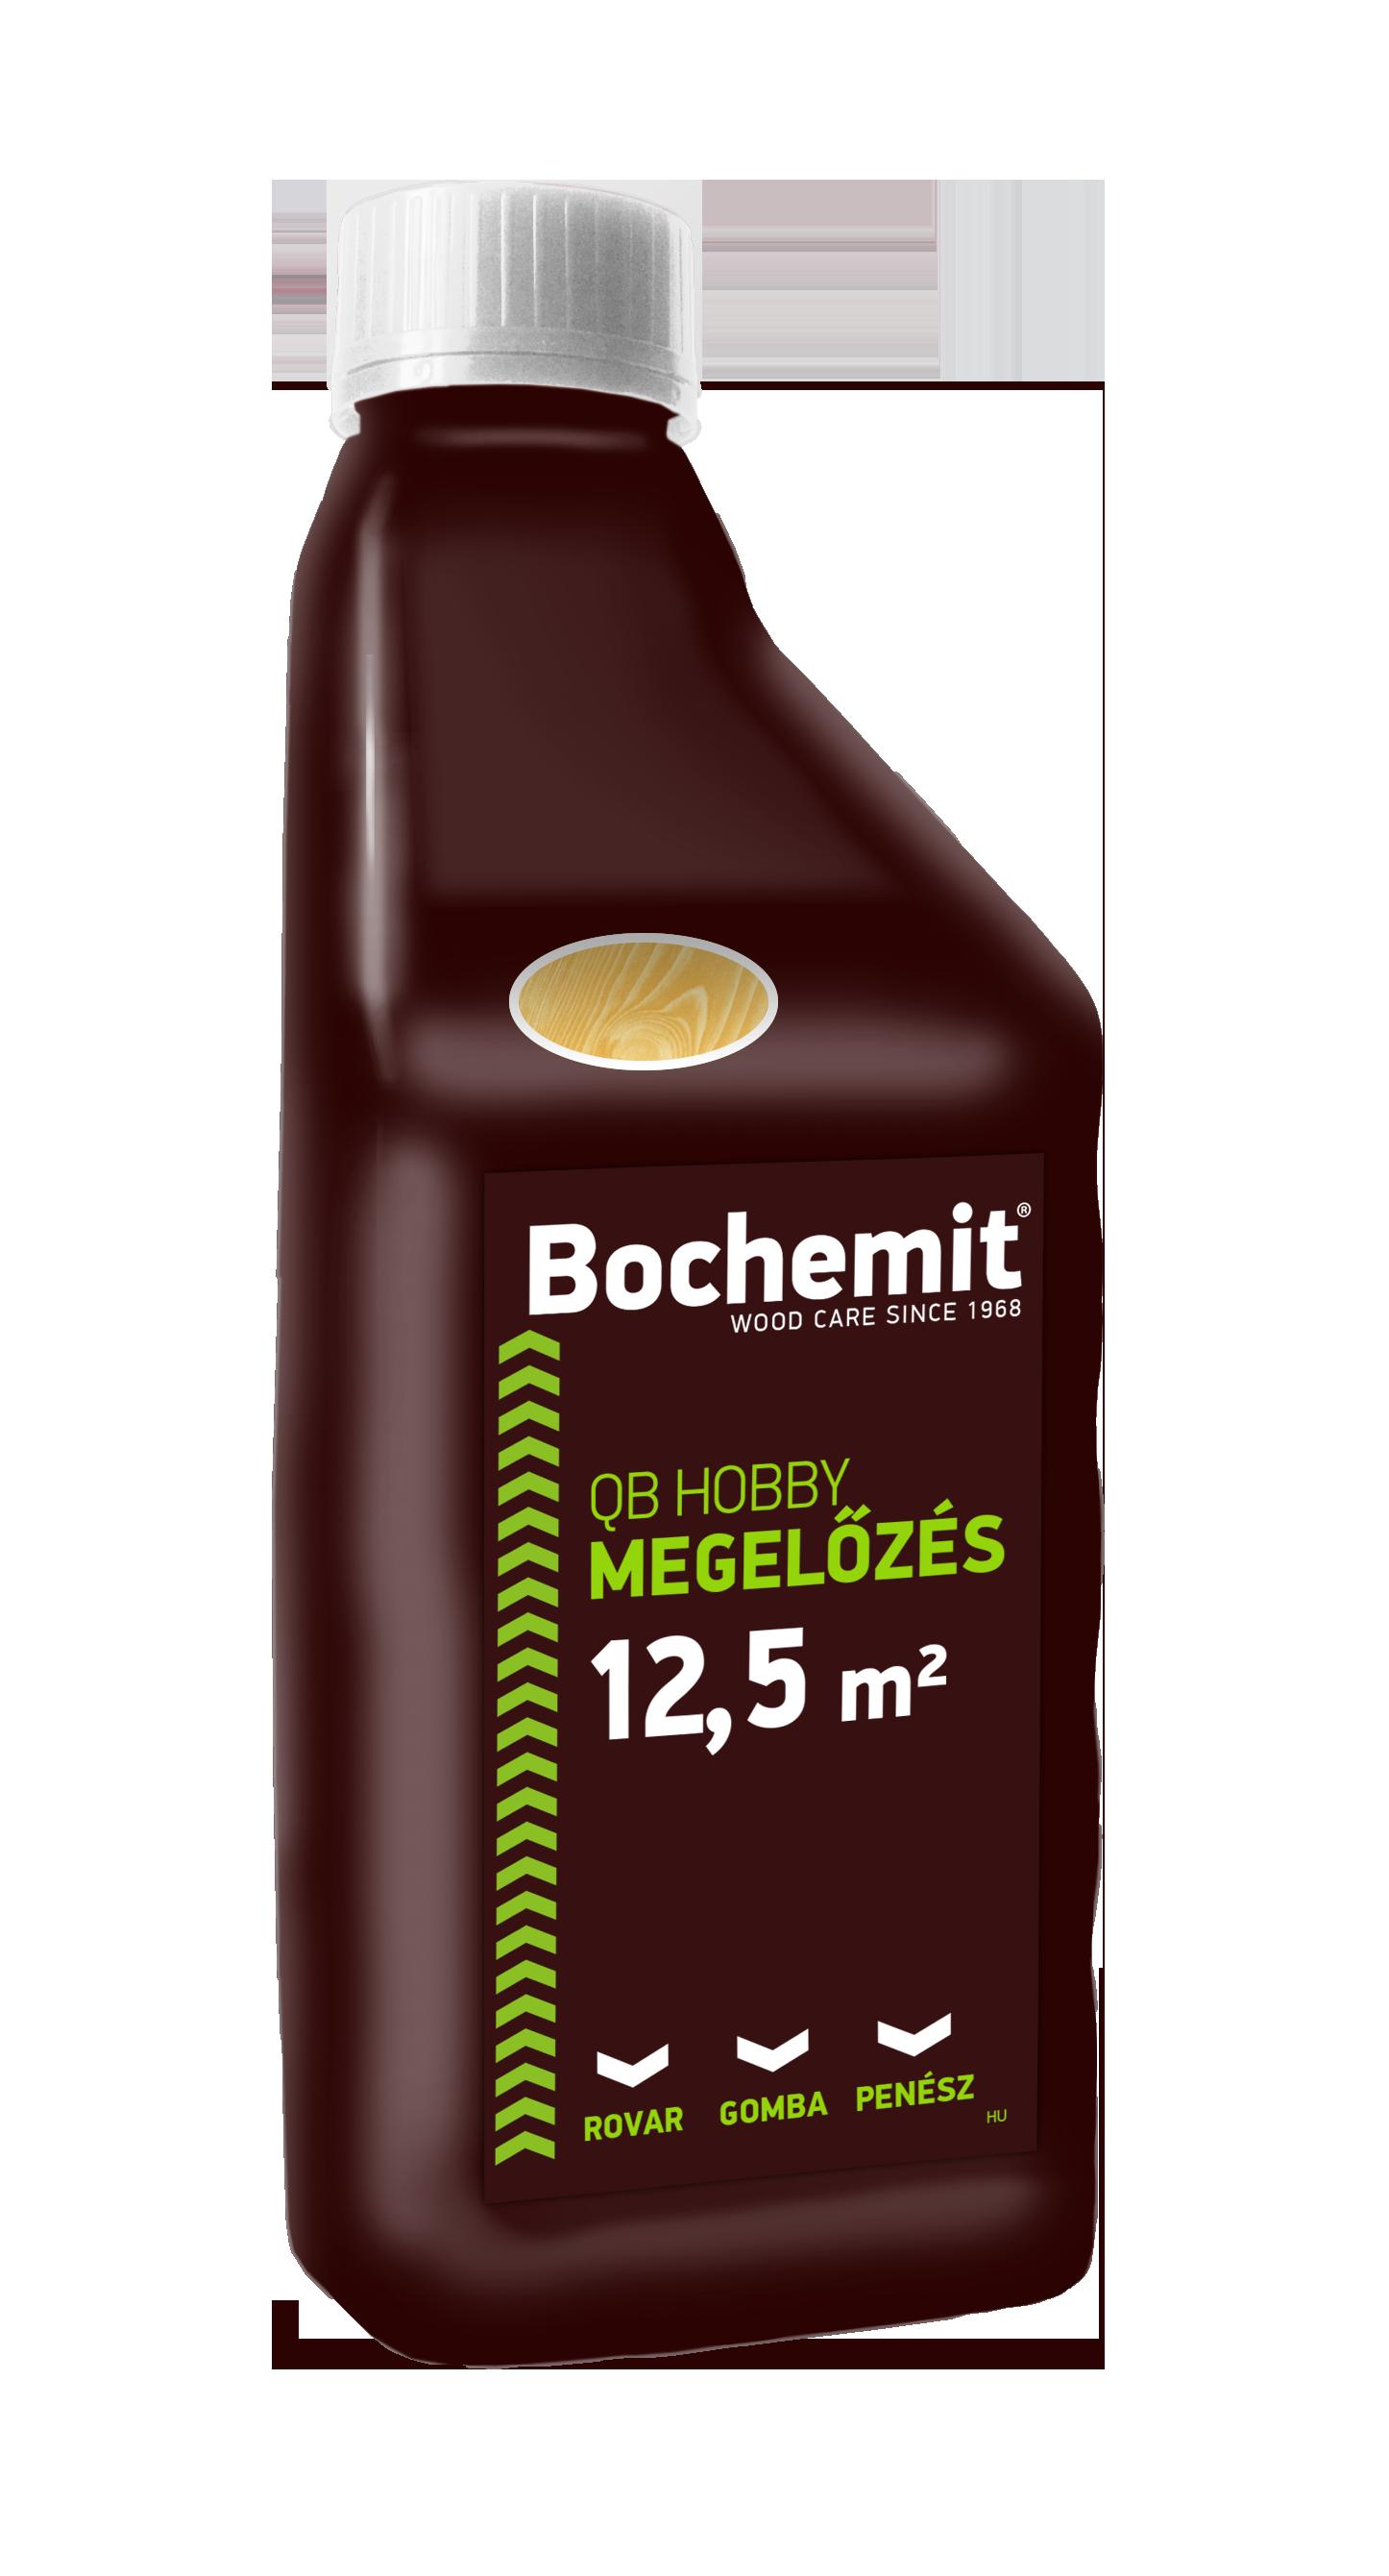 Bochemit QB hobby - színtelen 1 kg